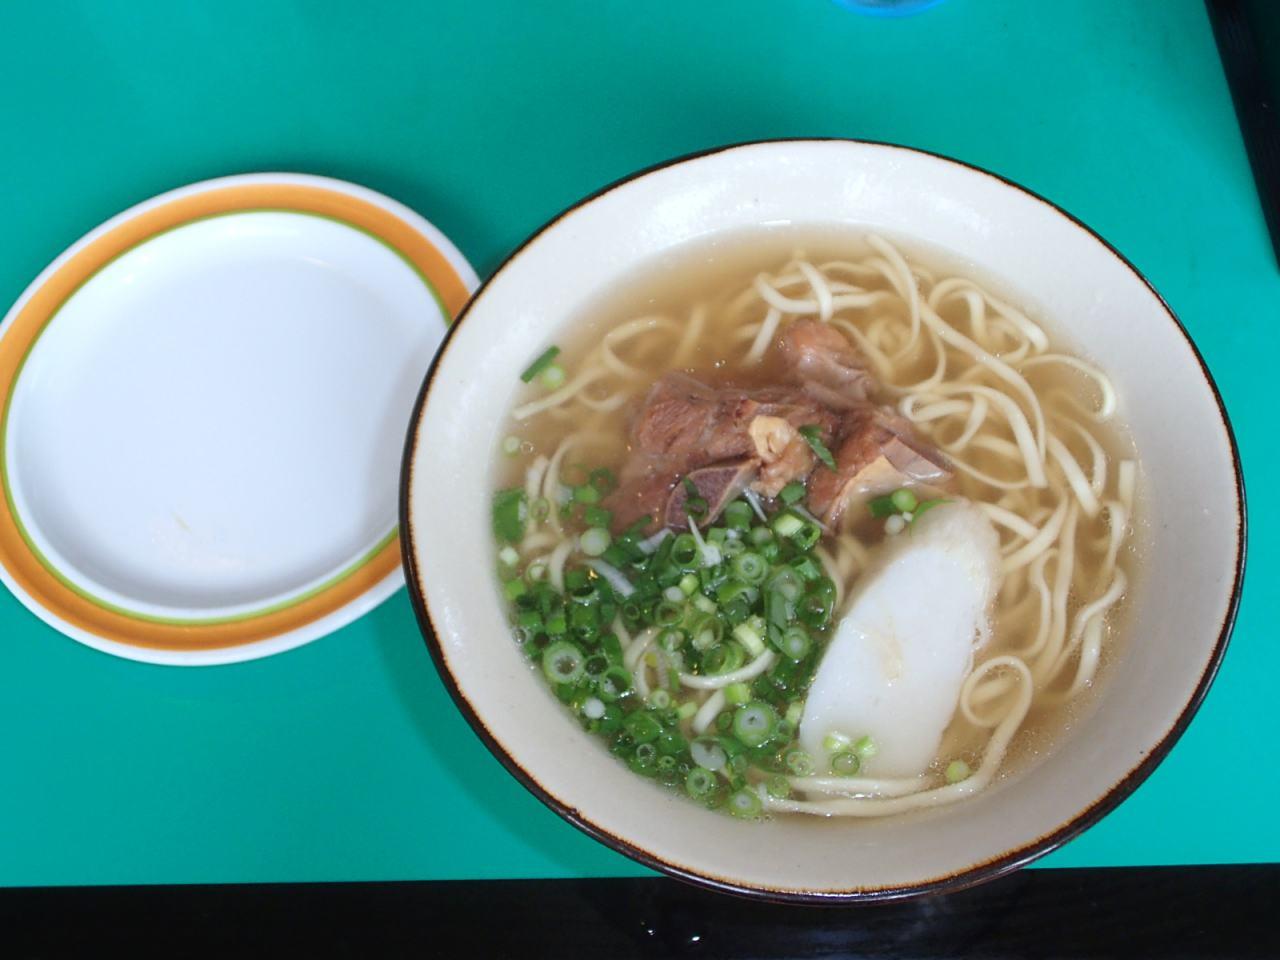 【那覇市 やまぐすく】細麺好きな人はぜひ!素朴な味の沖縄そば